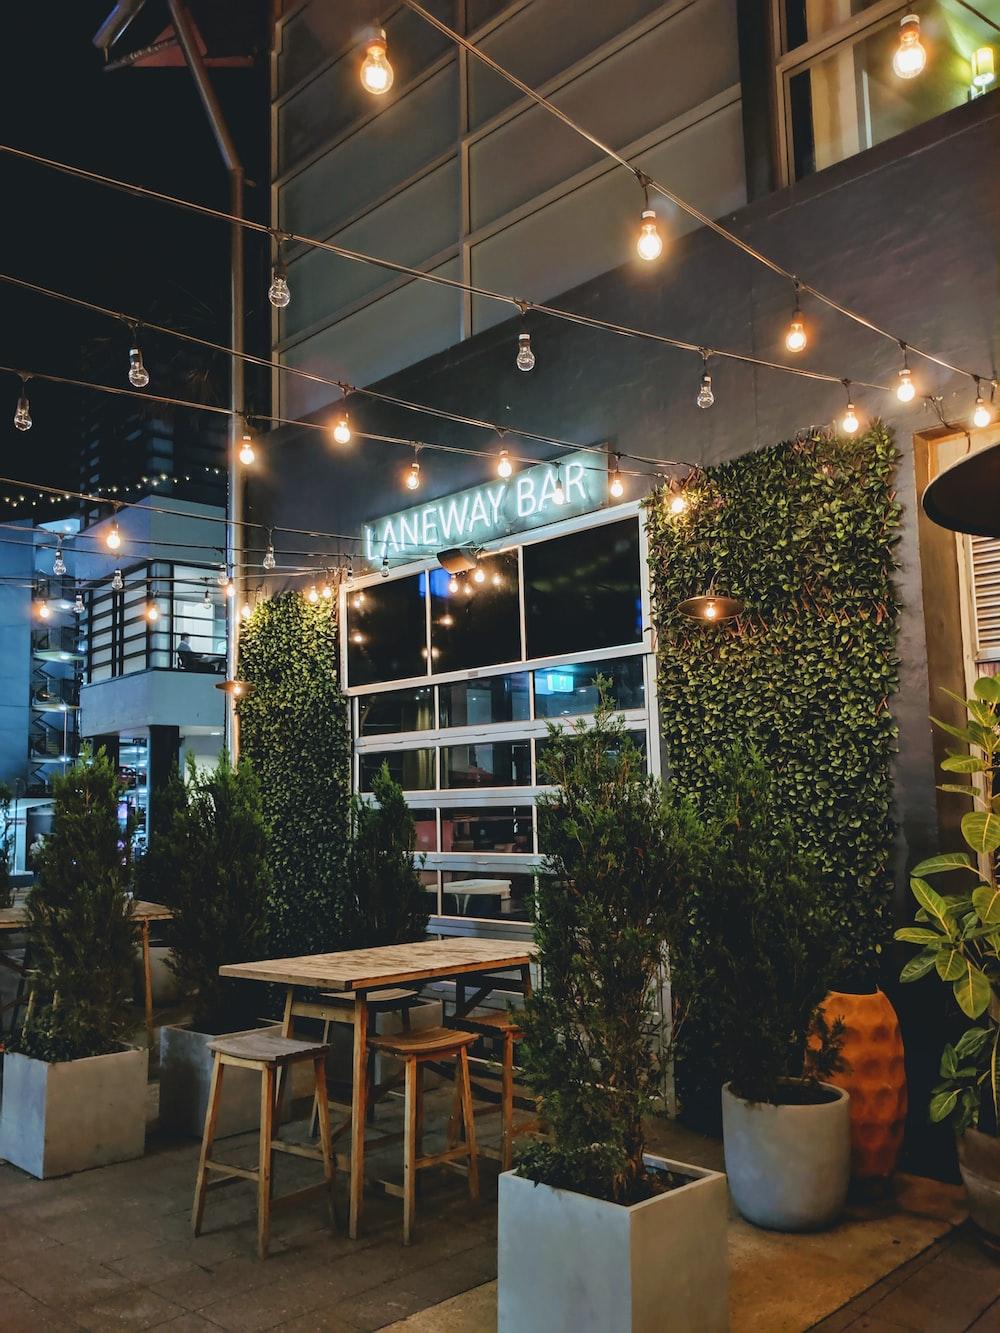 Laneway Bar at night